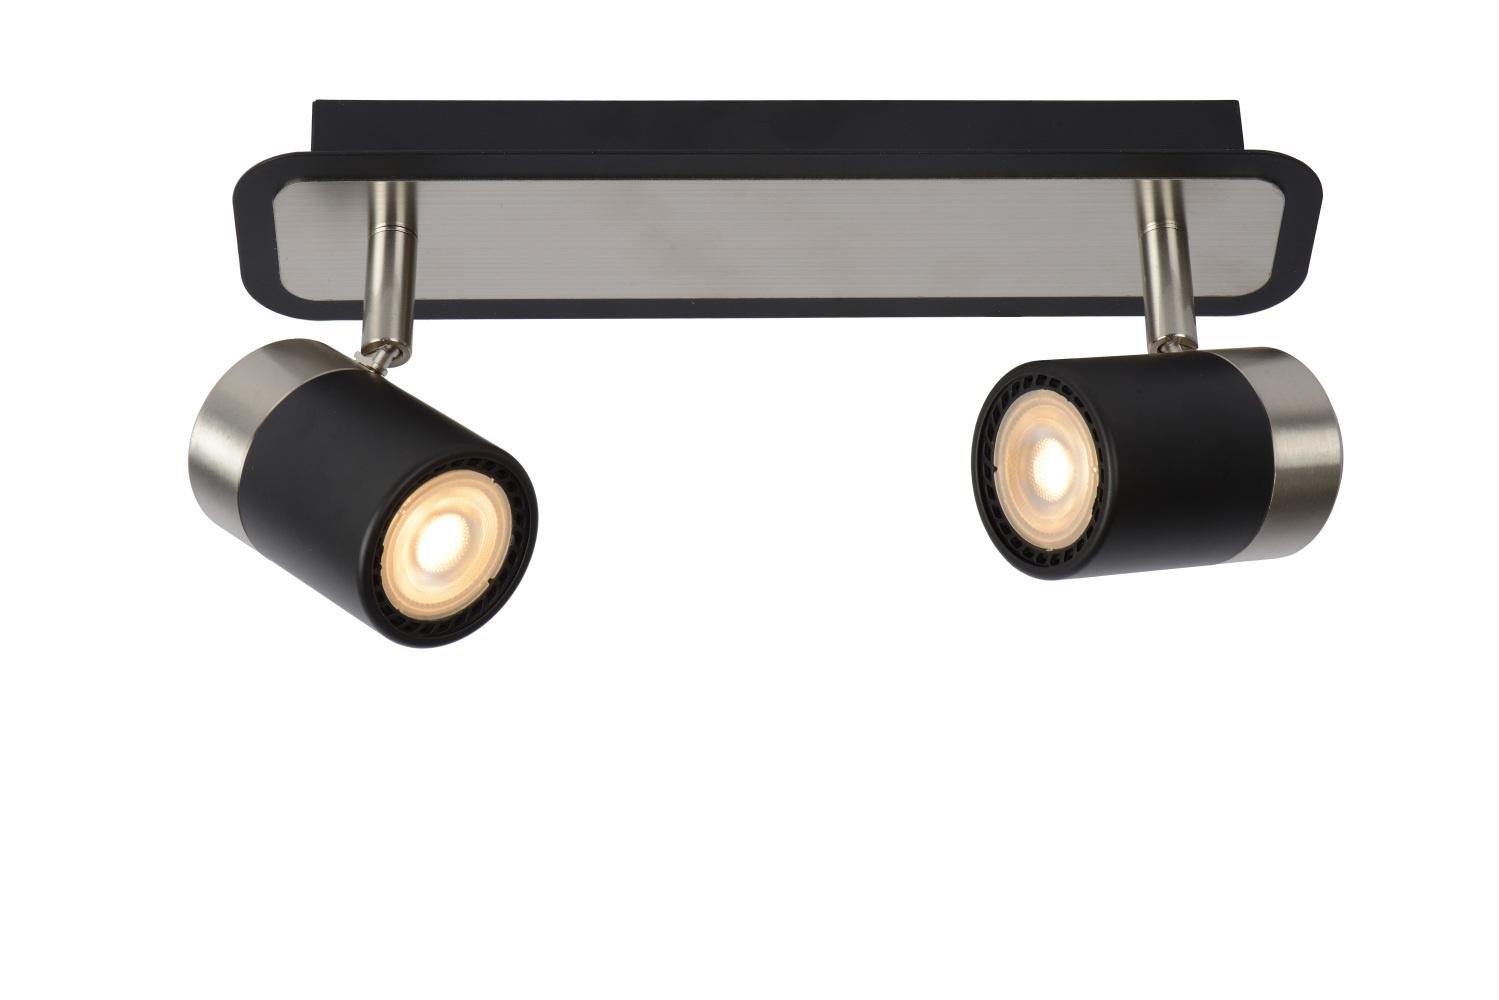 Lucide LENNERT Plafondspot-Zwart-LED Dimb.-2xGU10-5W